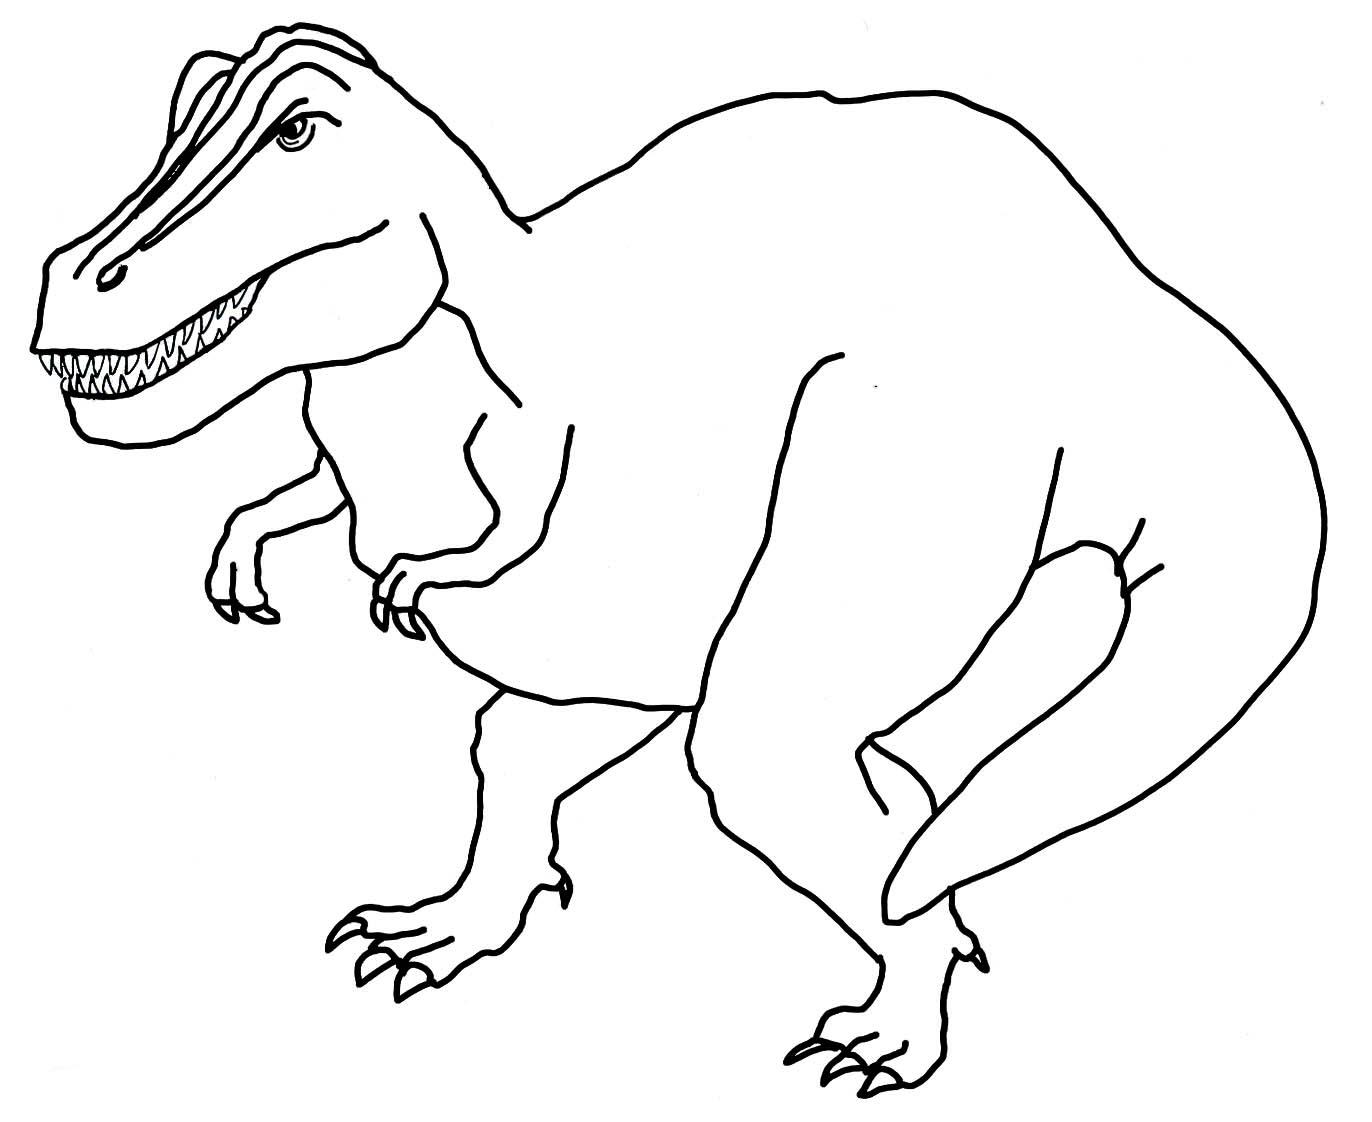 dino coloring page blog de los niños dinosaurios para colorear dino coloring page